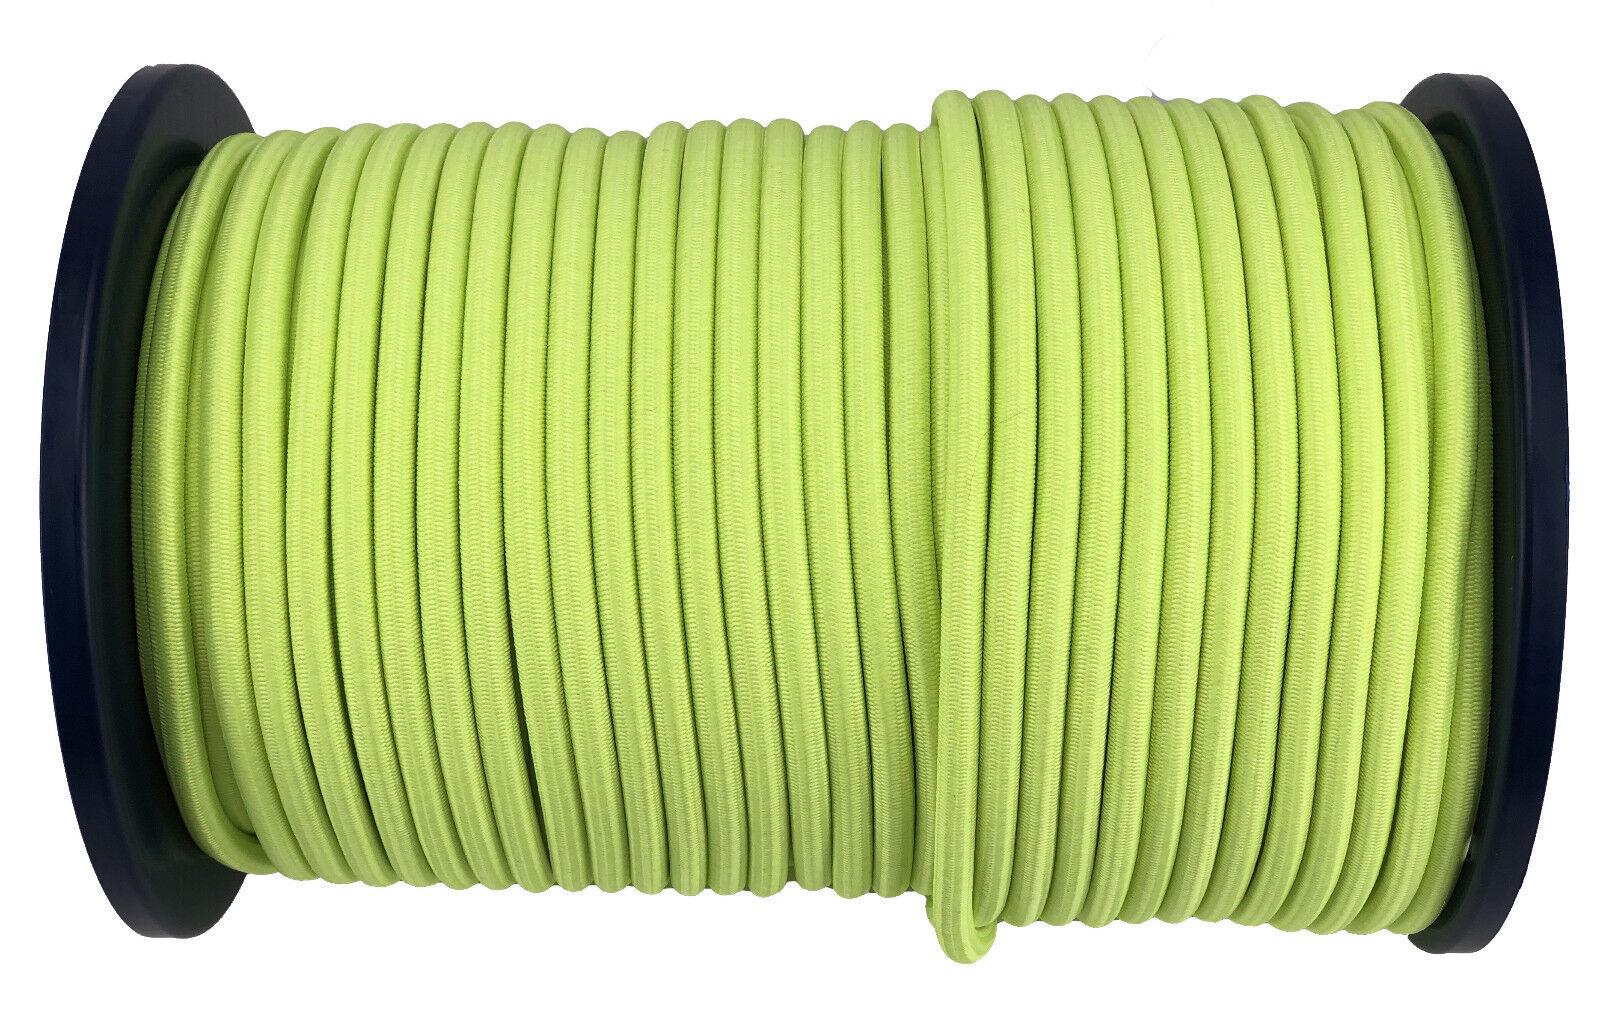 8mm Fluoreszierend Gelb Elastisches Gummi Seil Gummiseil Fessel X 100 100 100 Meter b5470a